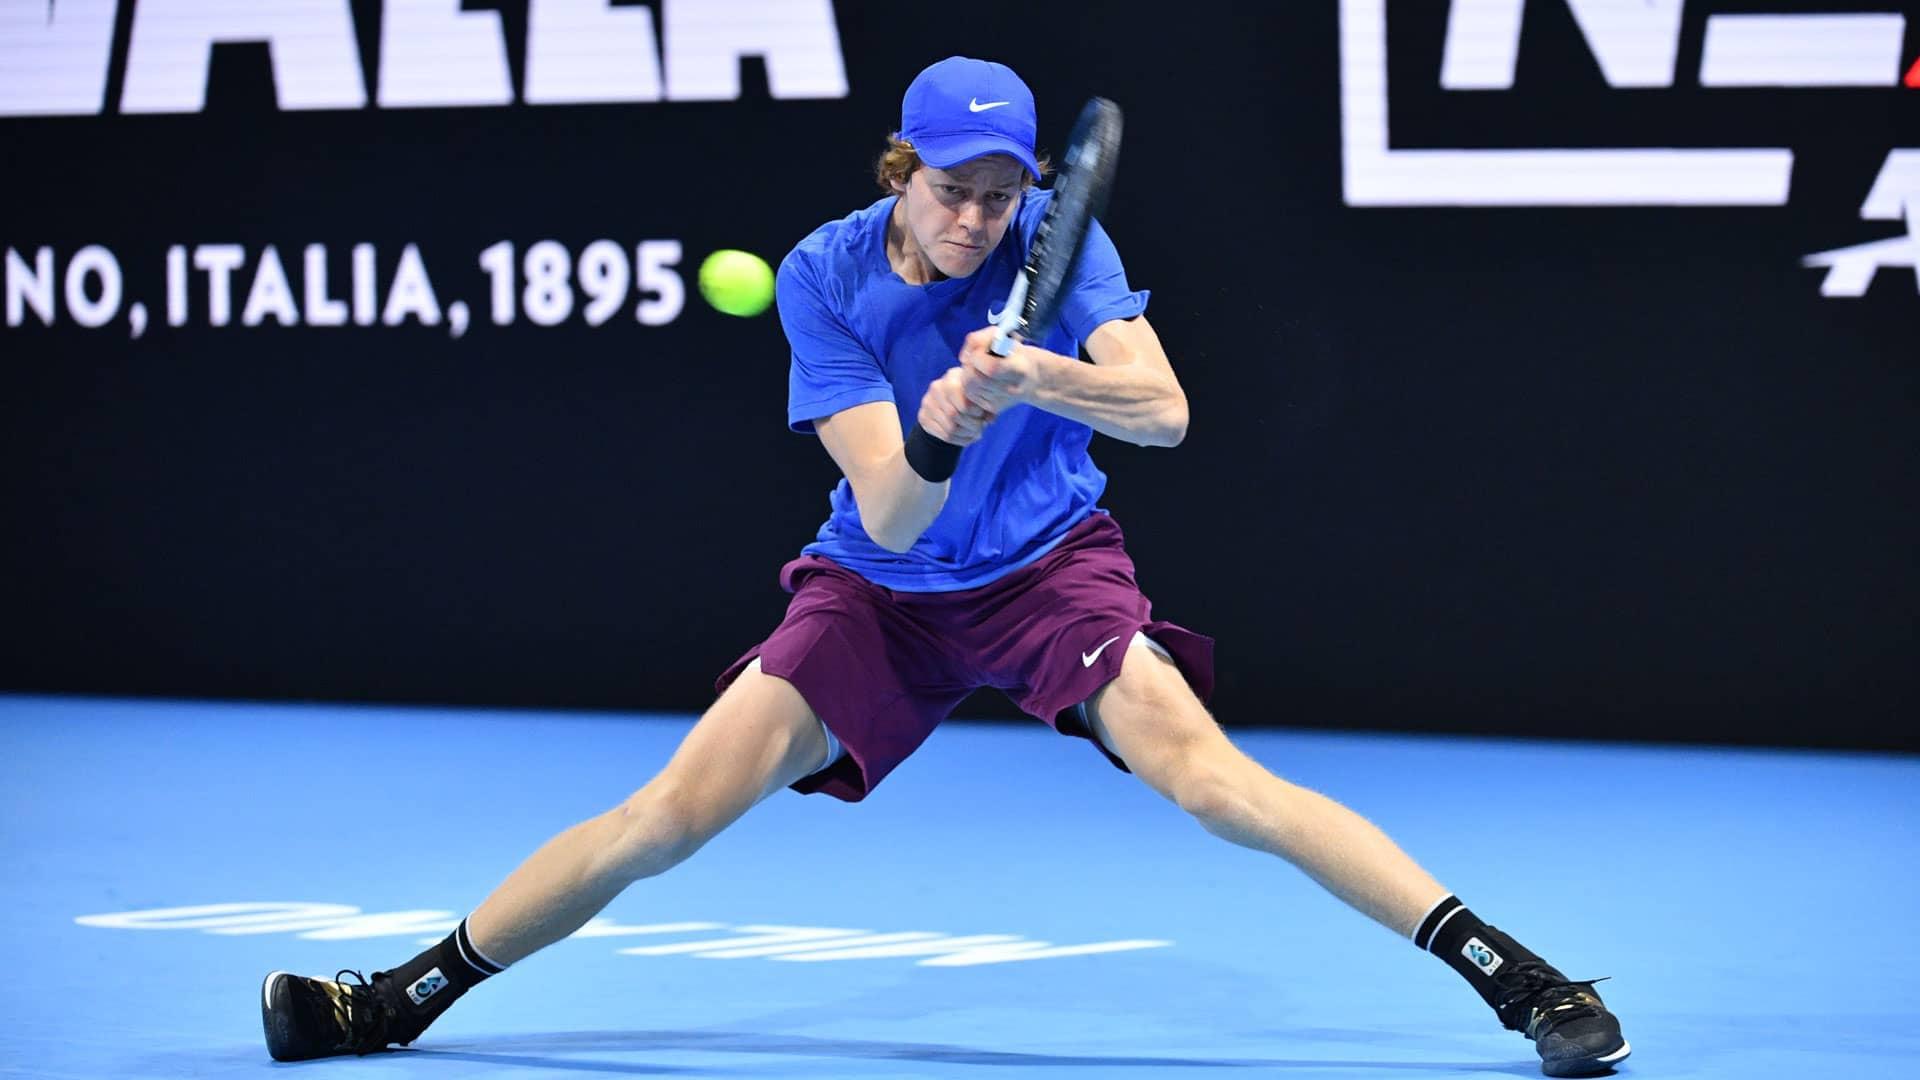 Sinner <a href='https://www.atptour.com/en/tournaments/next-gen-atp-finals/7696/overview'>Next Gen ATP Finals</a> 2019